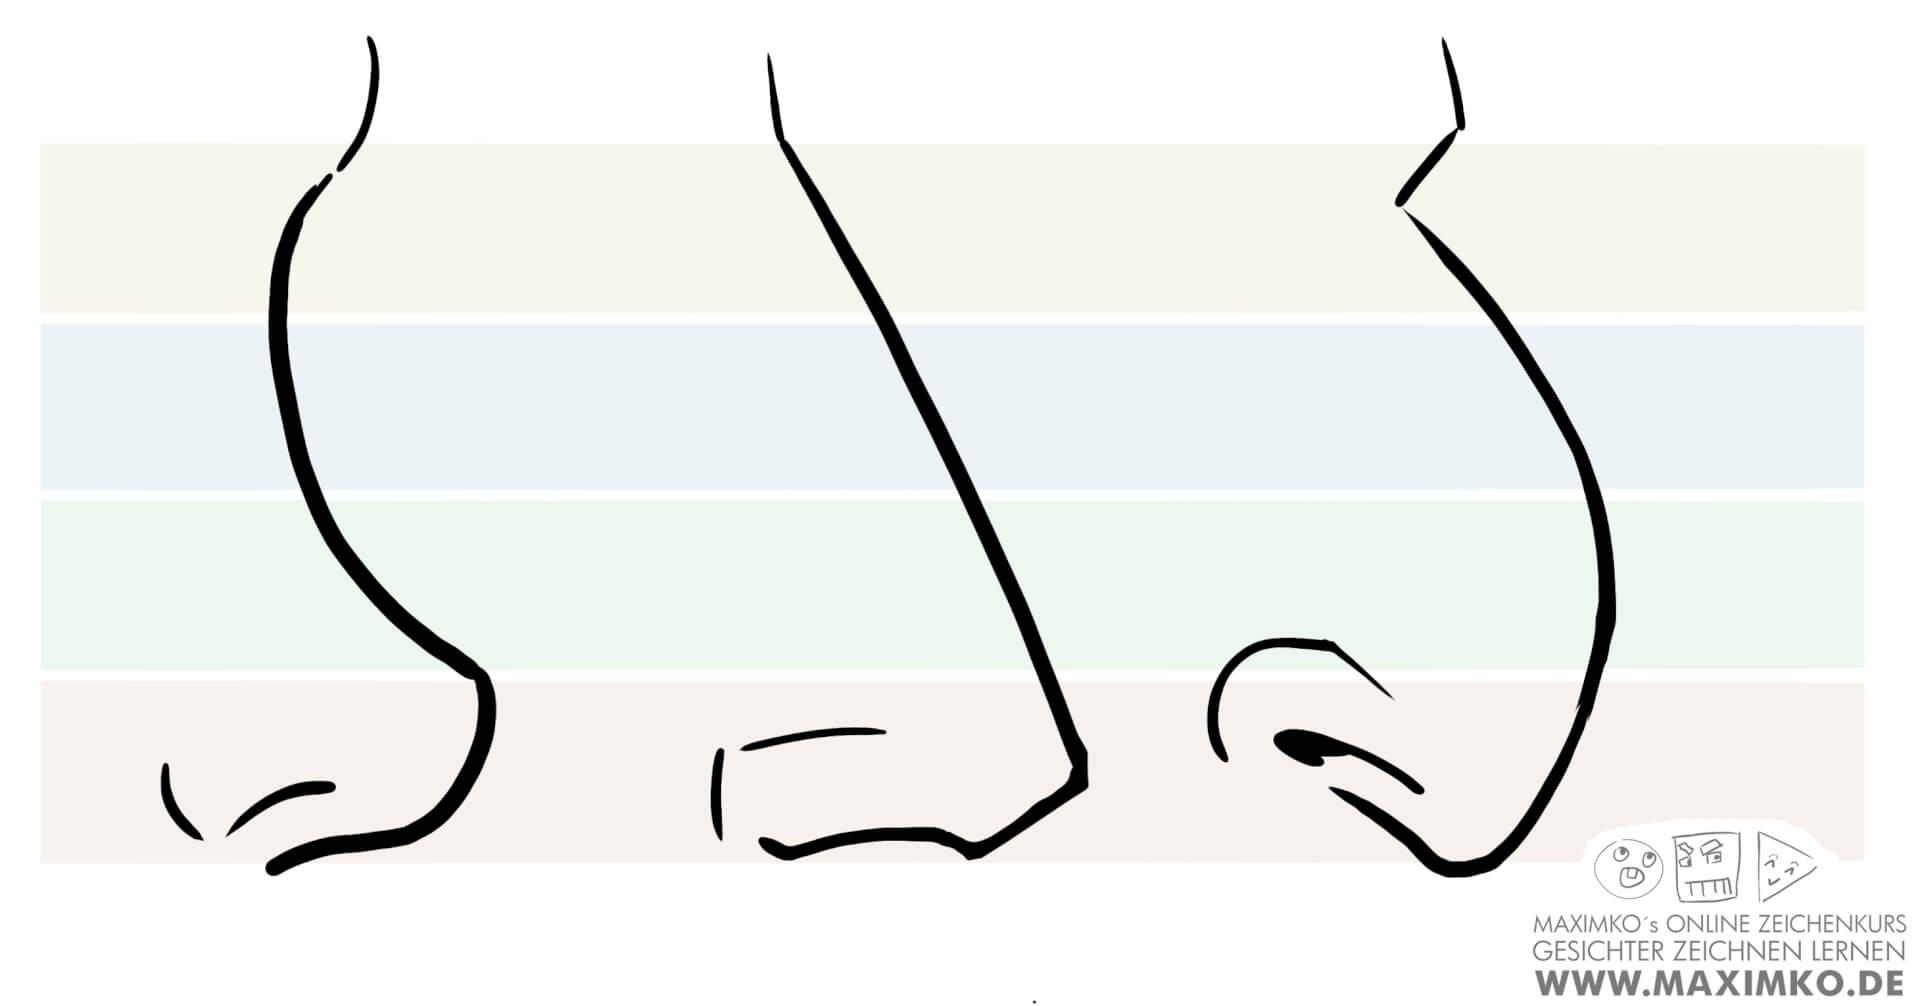 nase zeichnen lernen tutorial online kurs krumme nase himmelfahrtsnase maximko